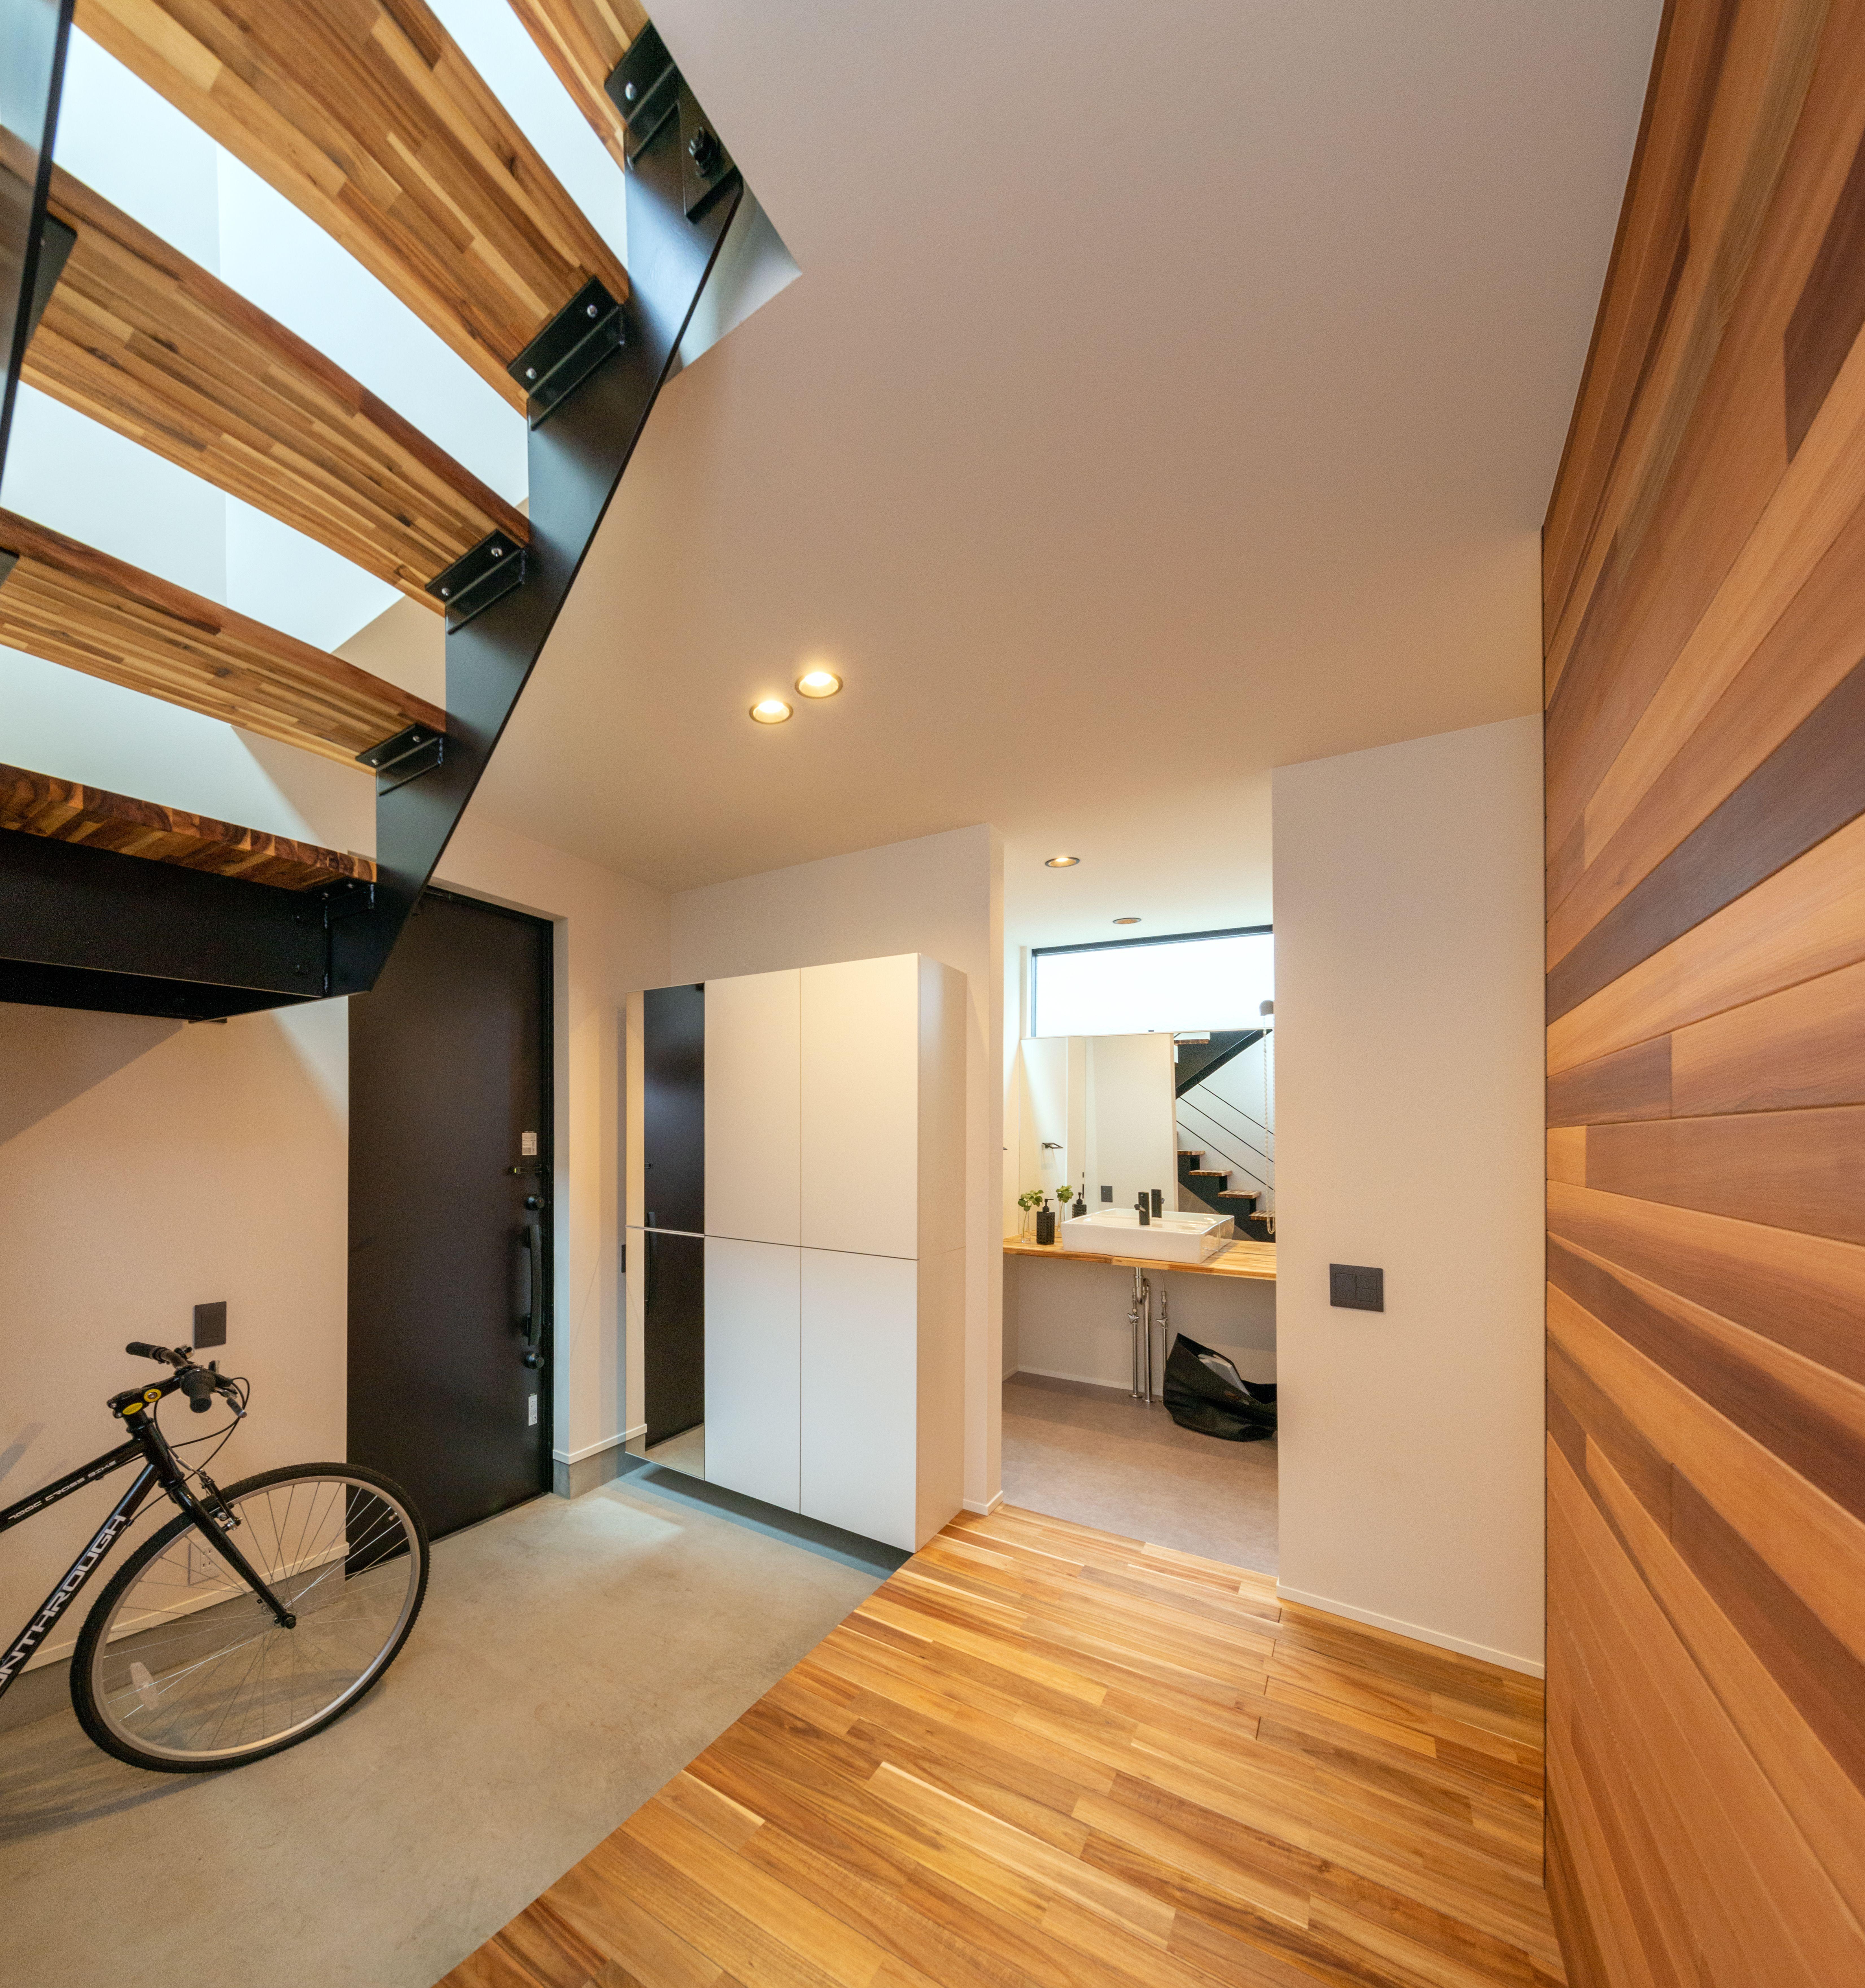 壁一面に貼られたレッドシダー 玄関ドアを開けてまず目に入る上質な